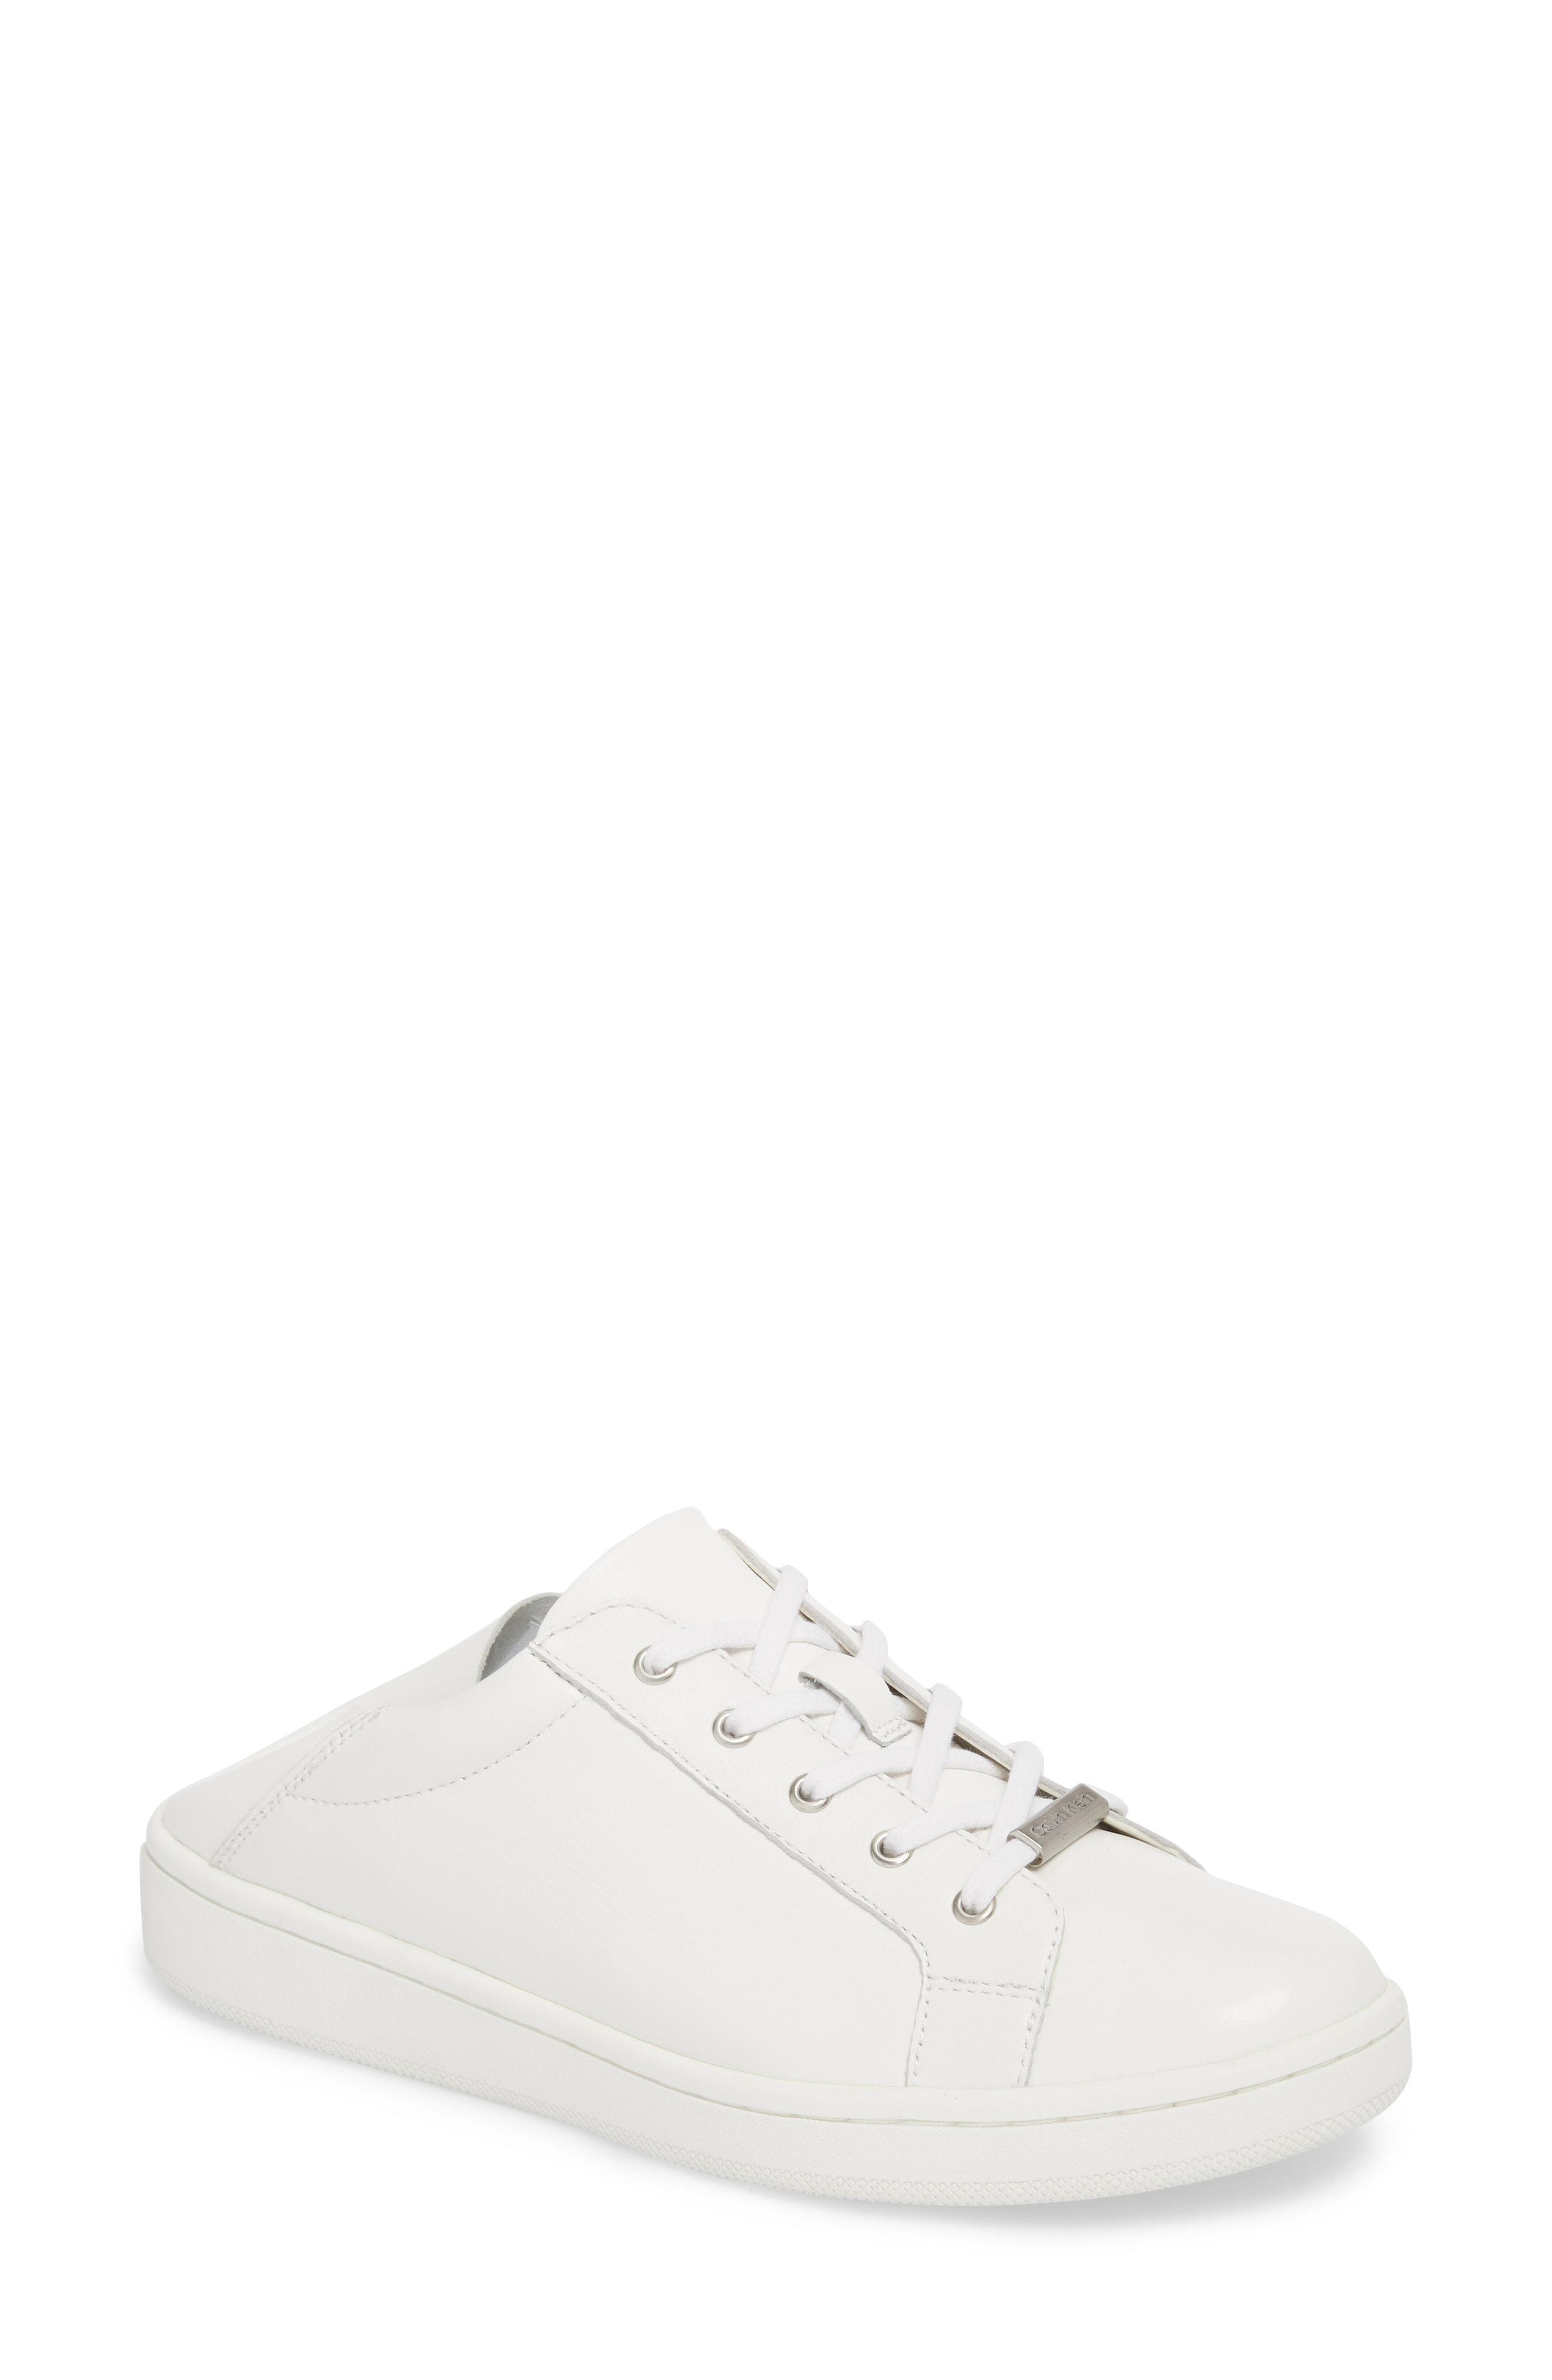 Calvin Klein Danica Convertible Sneaker